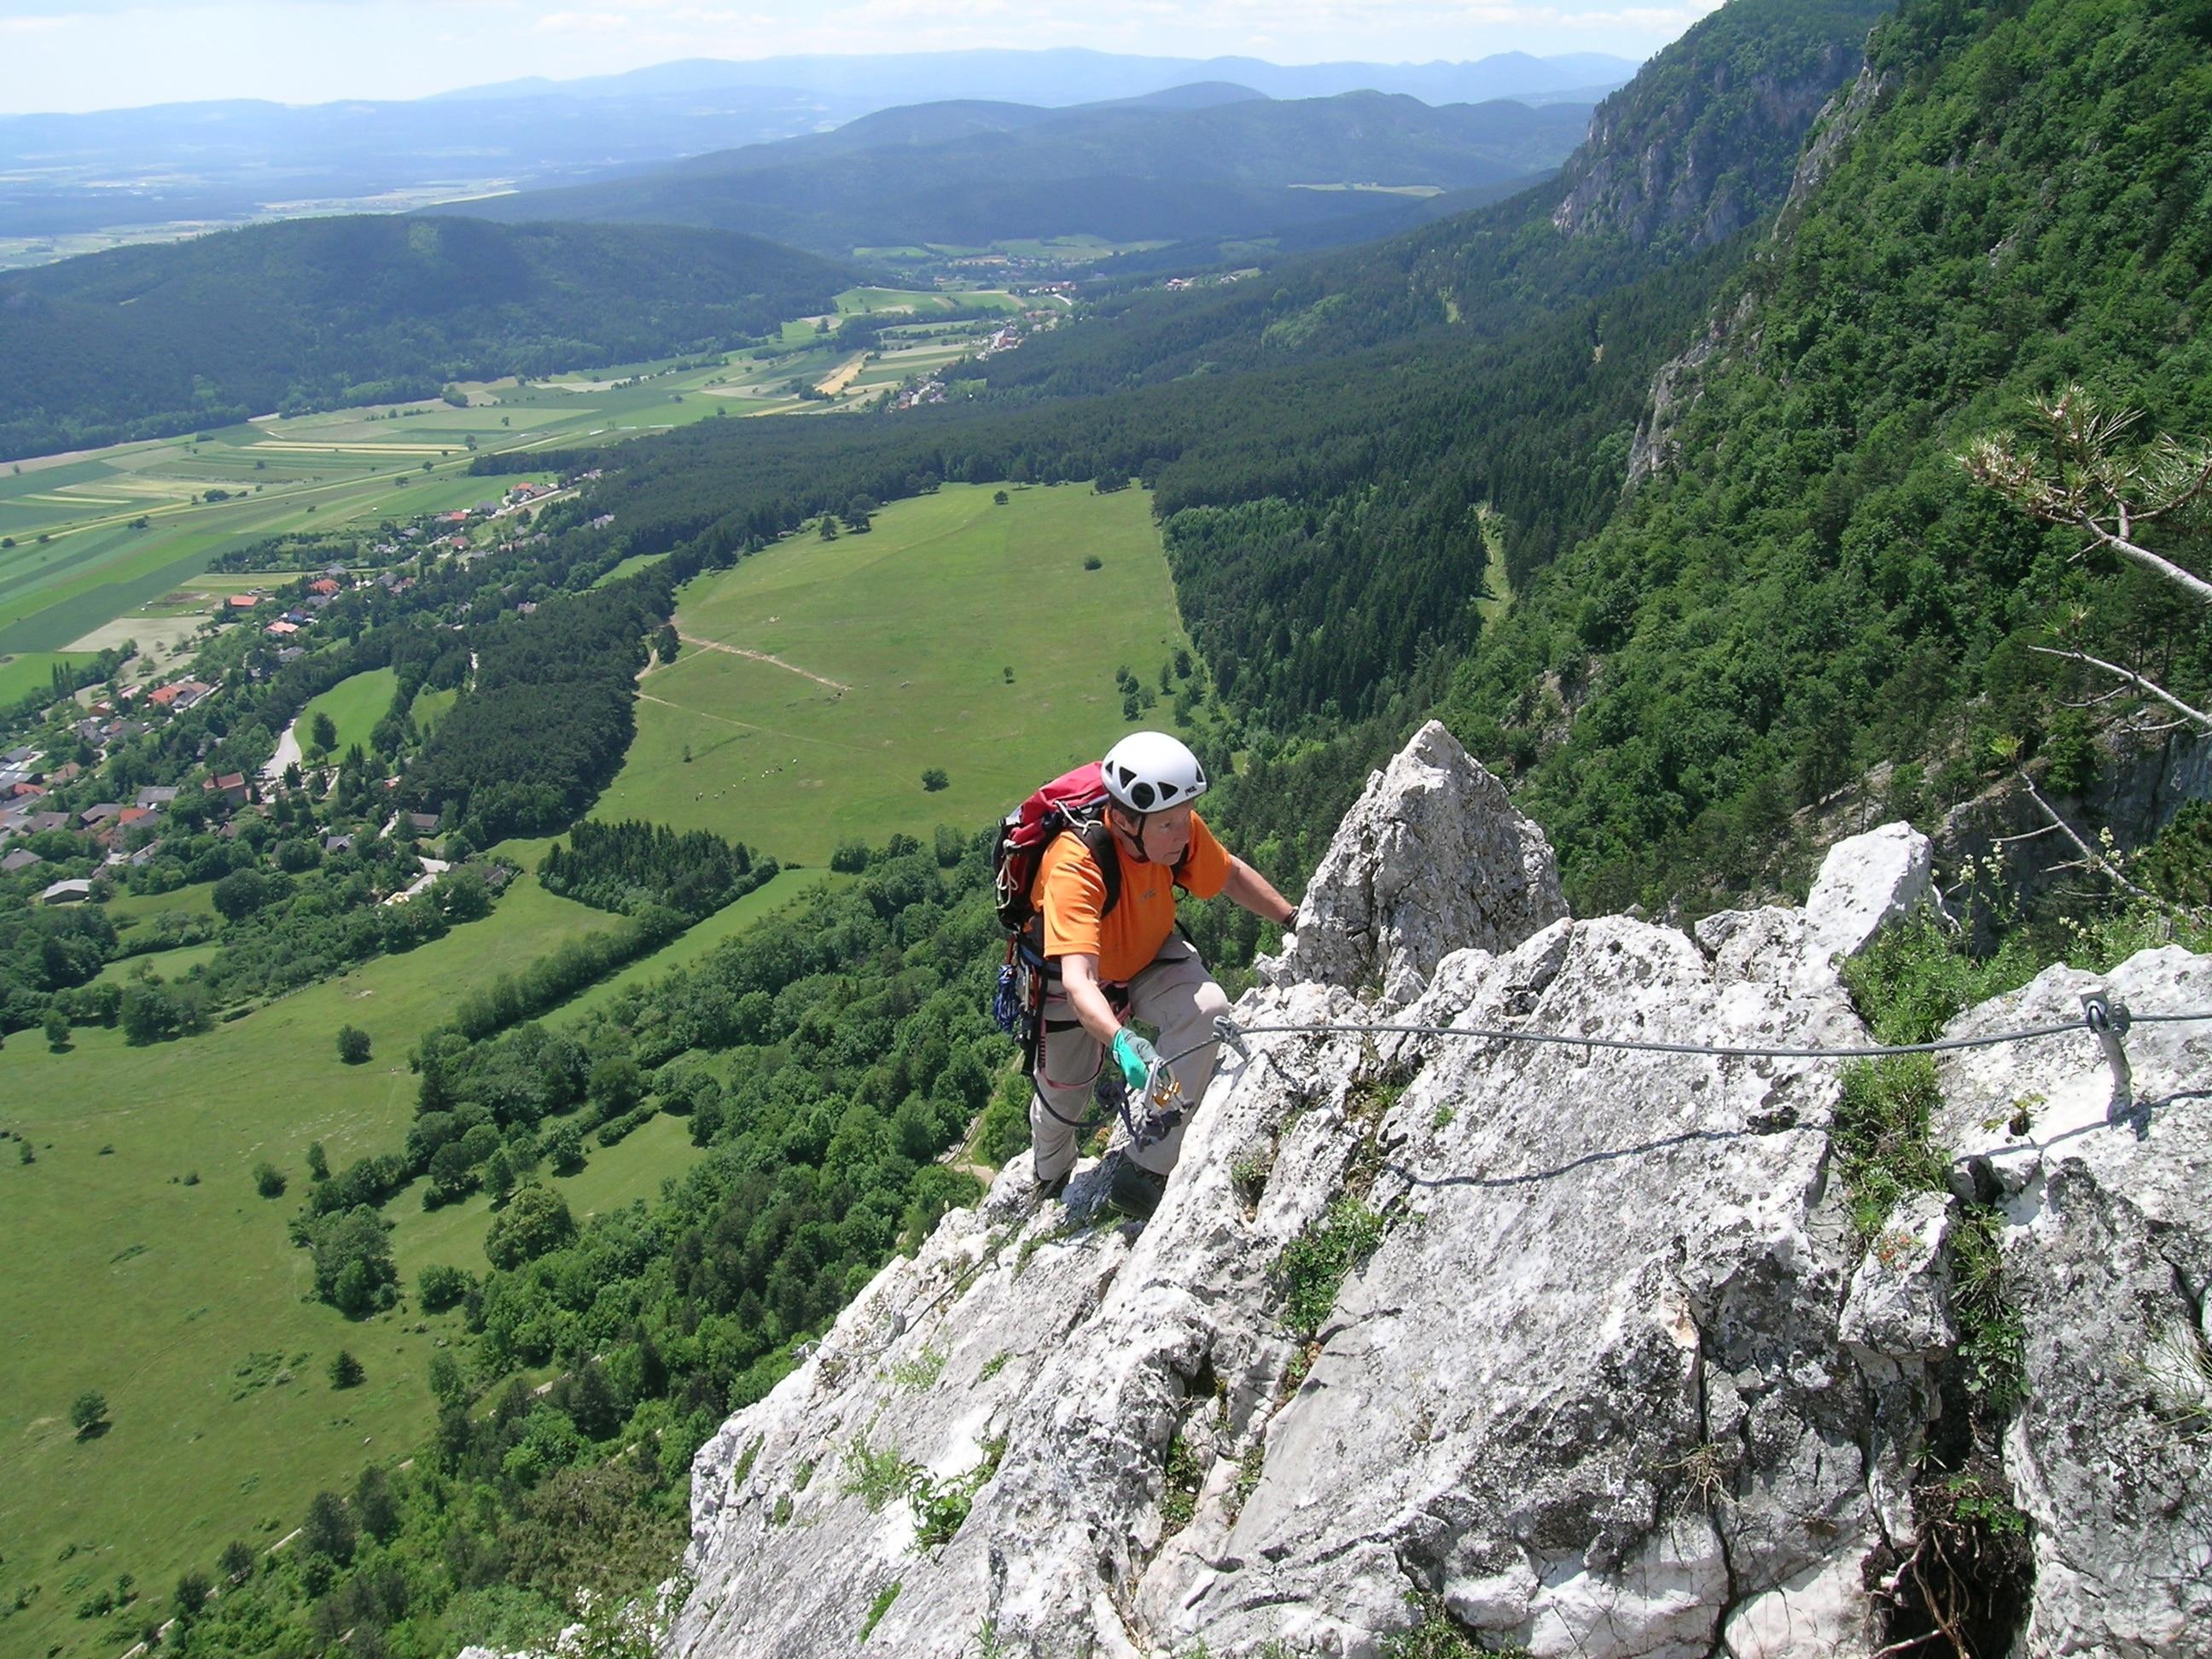 Klettersteig Mödling : Klettersteige mödlinger klettersteig km bergwelten